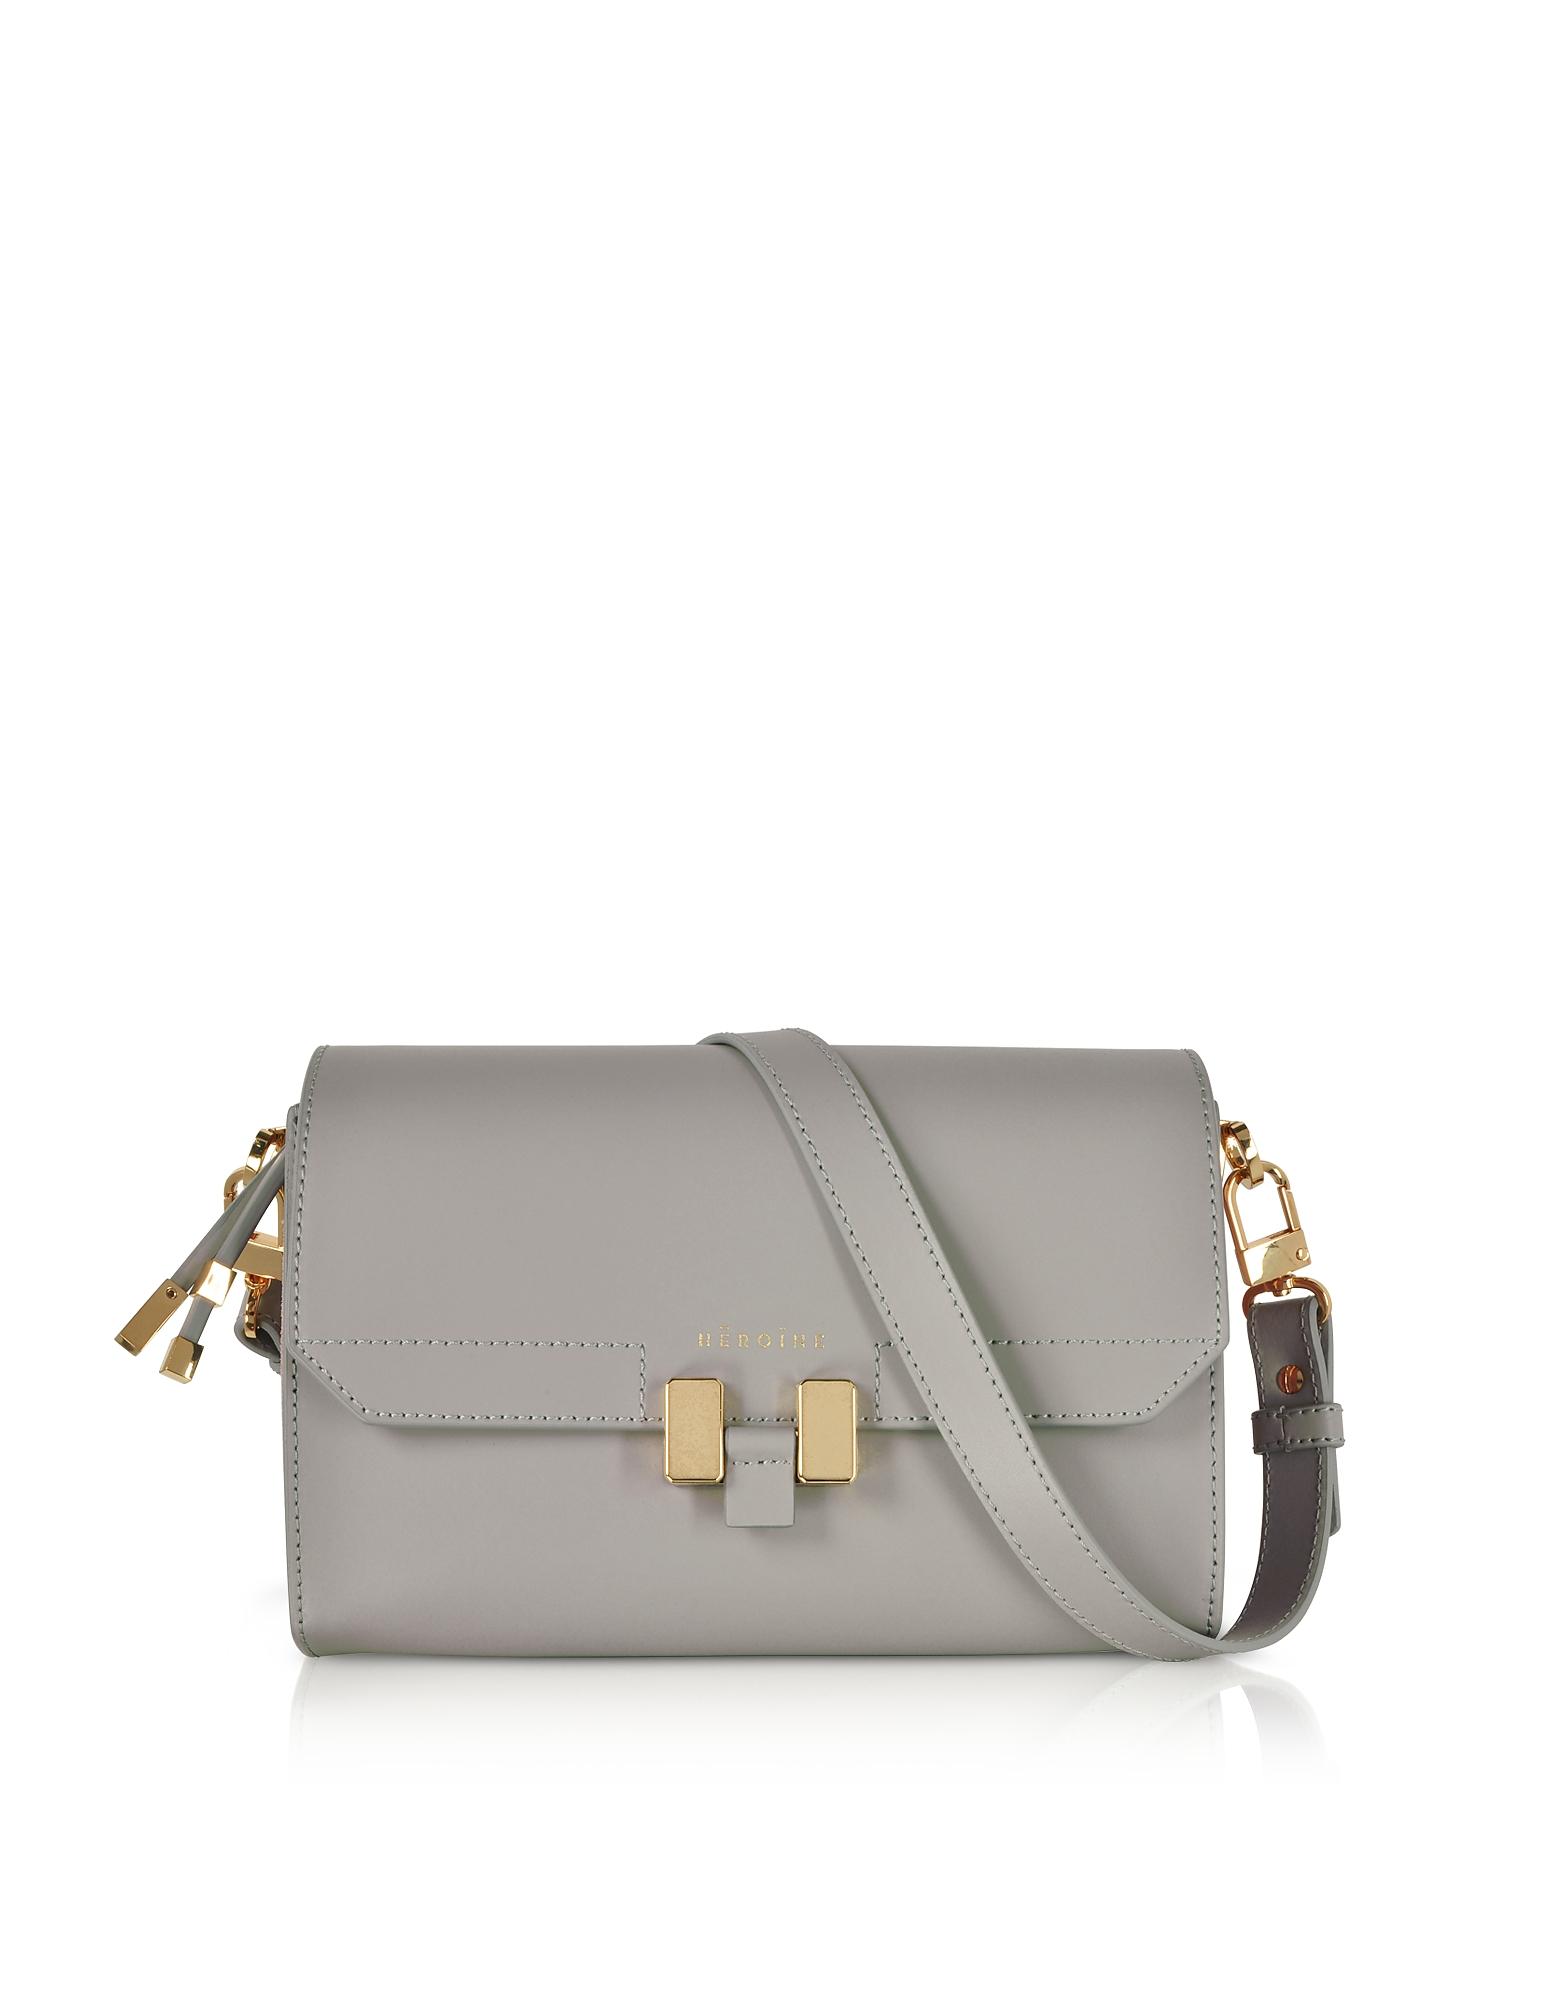 Maison Héroïne Handbags, Lilia Tablet Mini Clutch